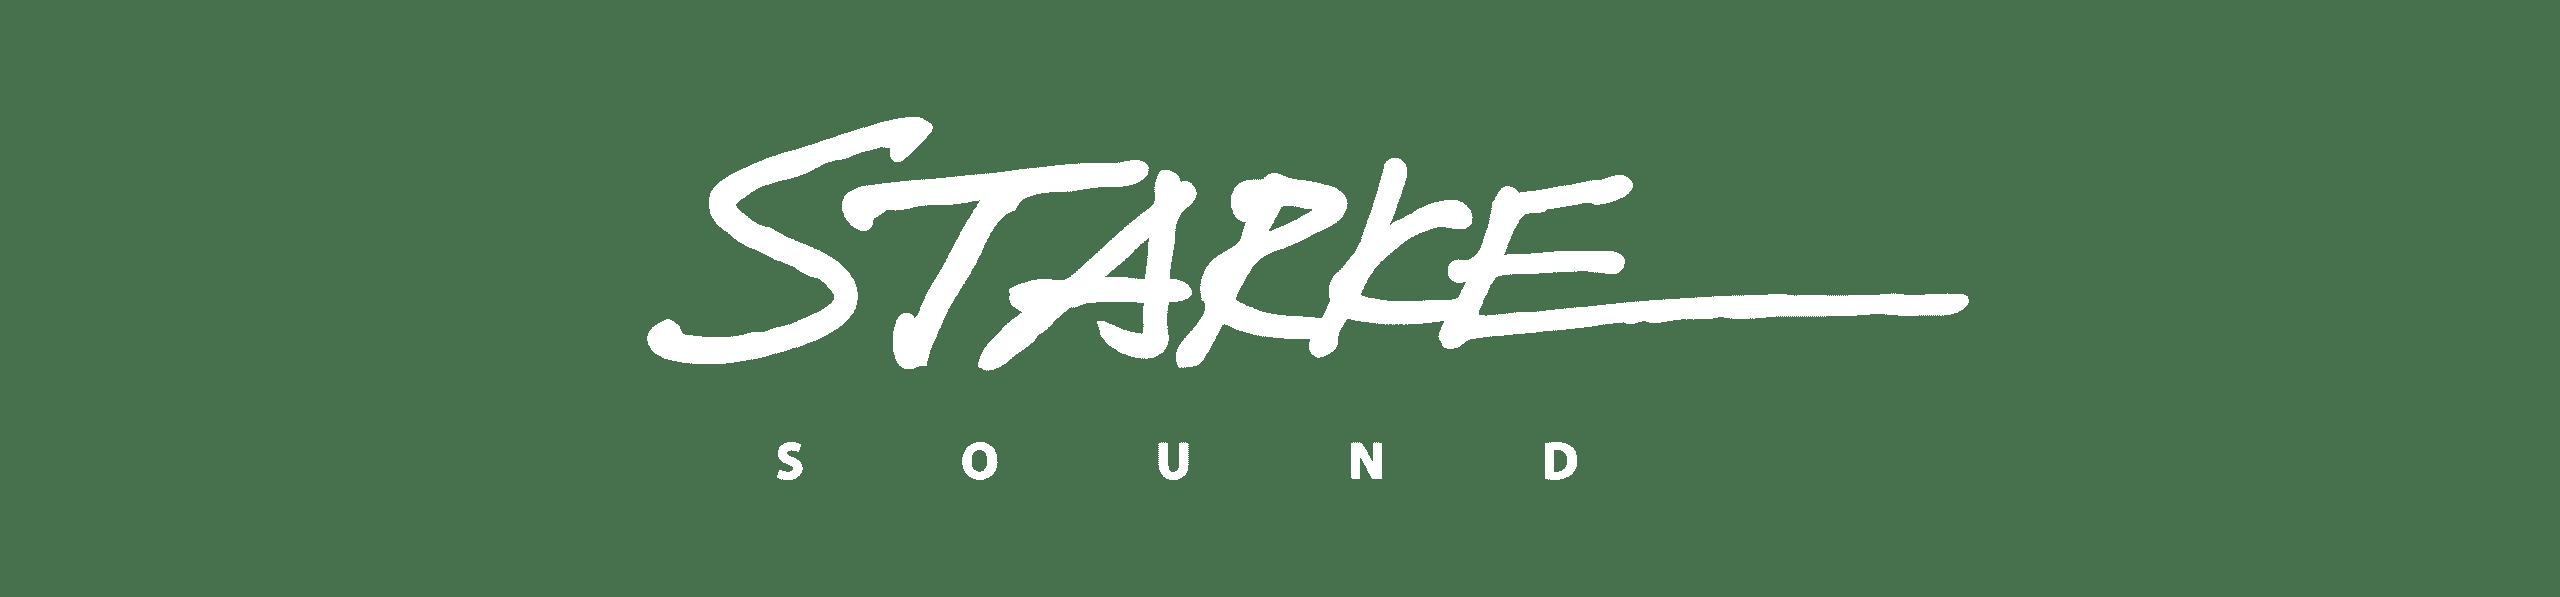 StrakeSound